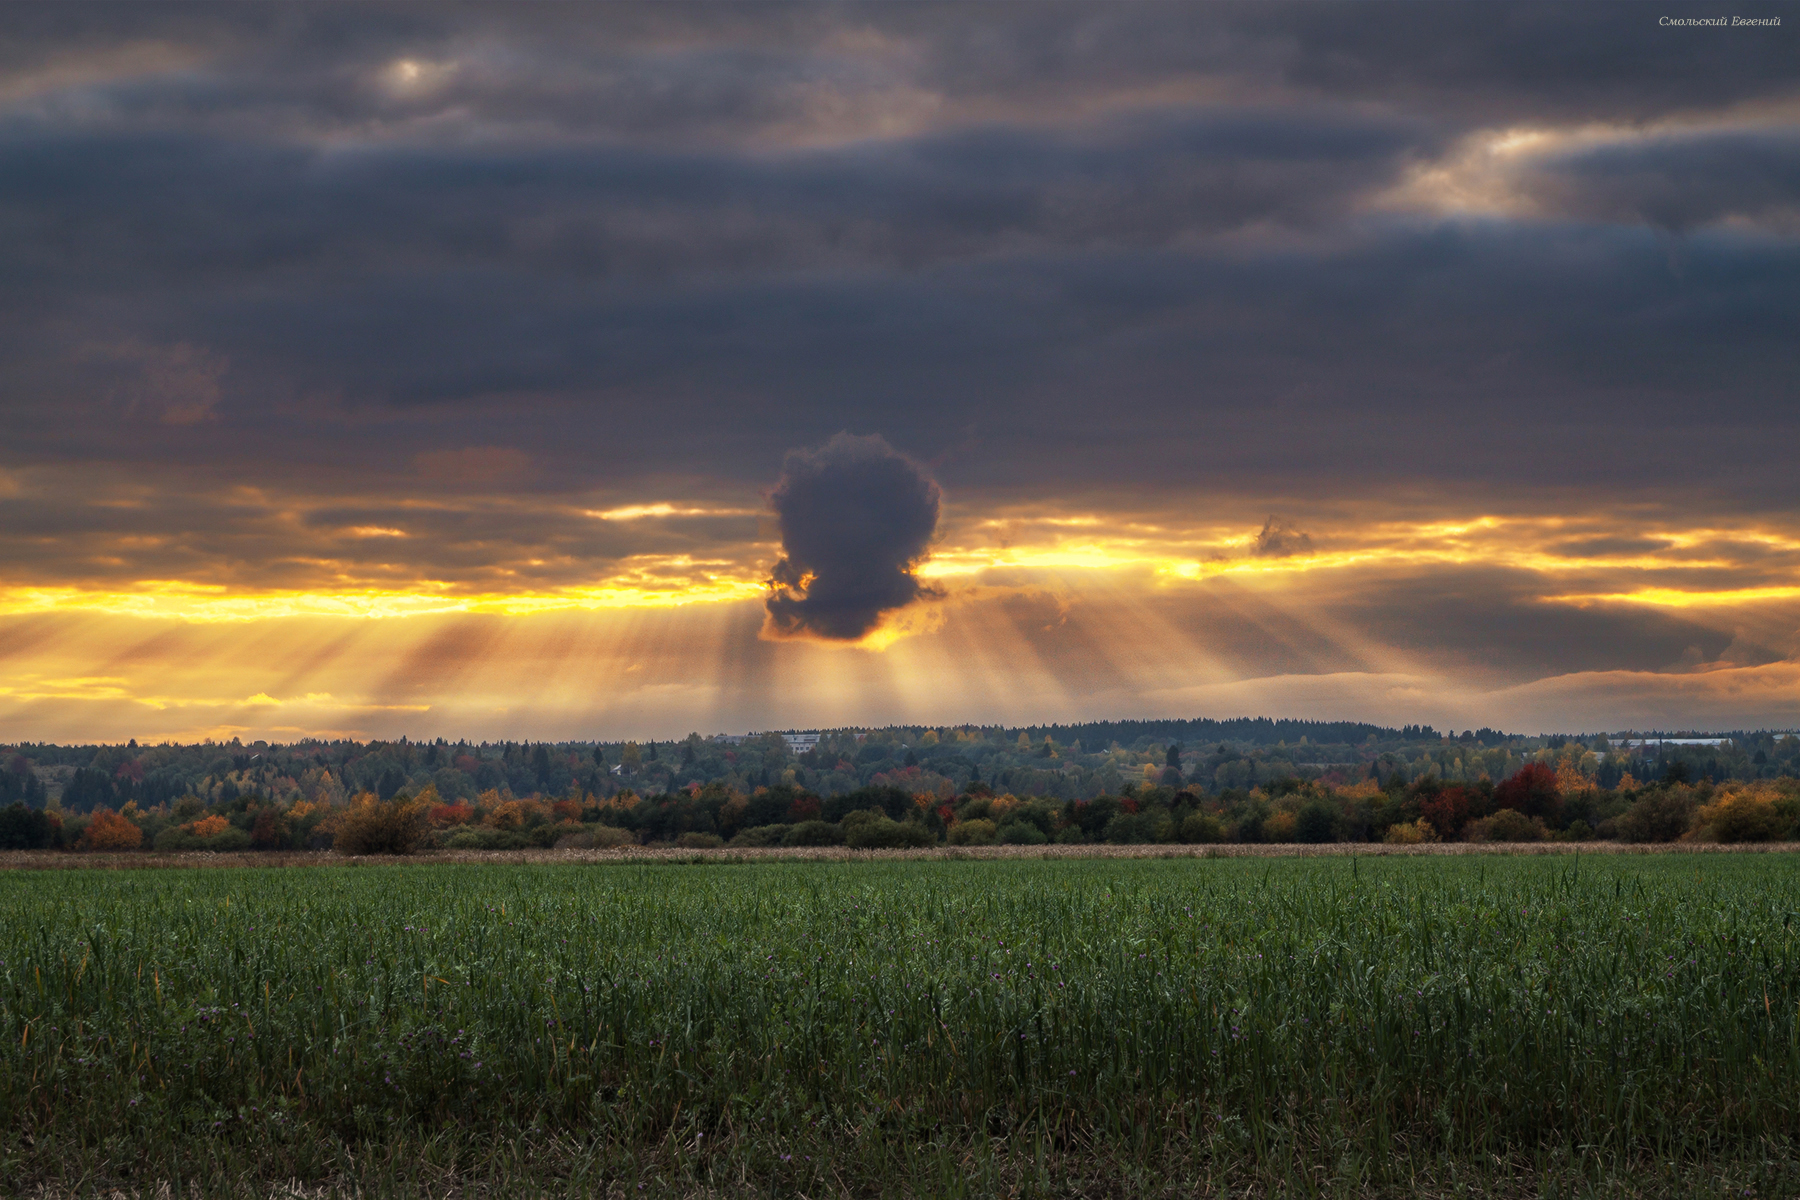 небо, закат, осень, поле., Смольский Евгений